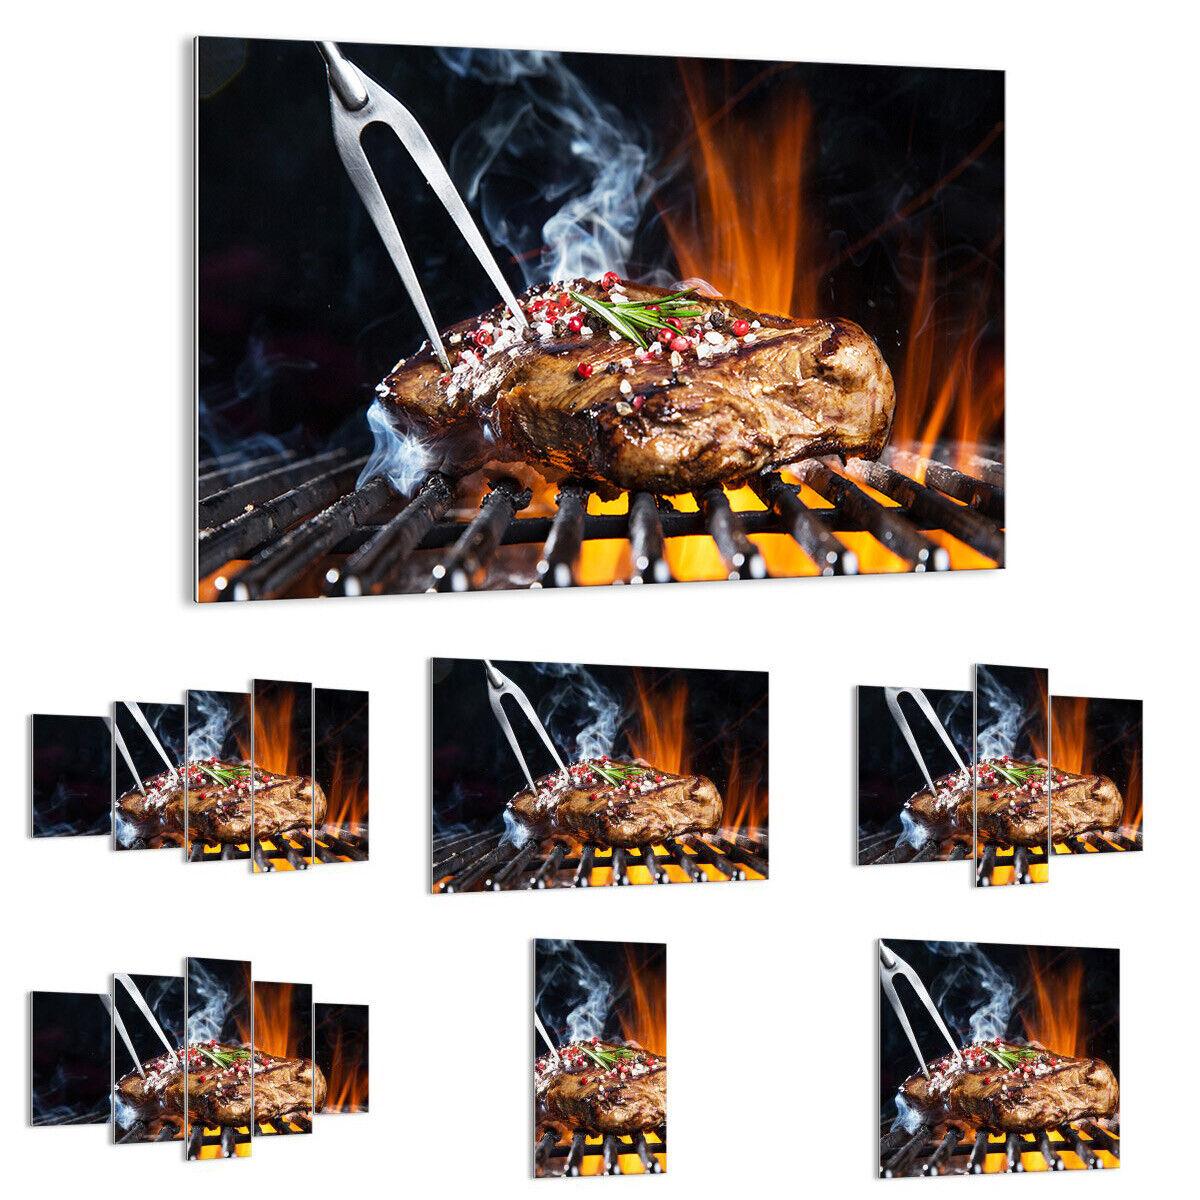 GLASBILD Wandbild Deko Steak Grill Flammen Essen 2865 DE